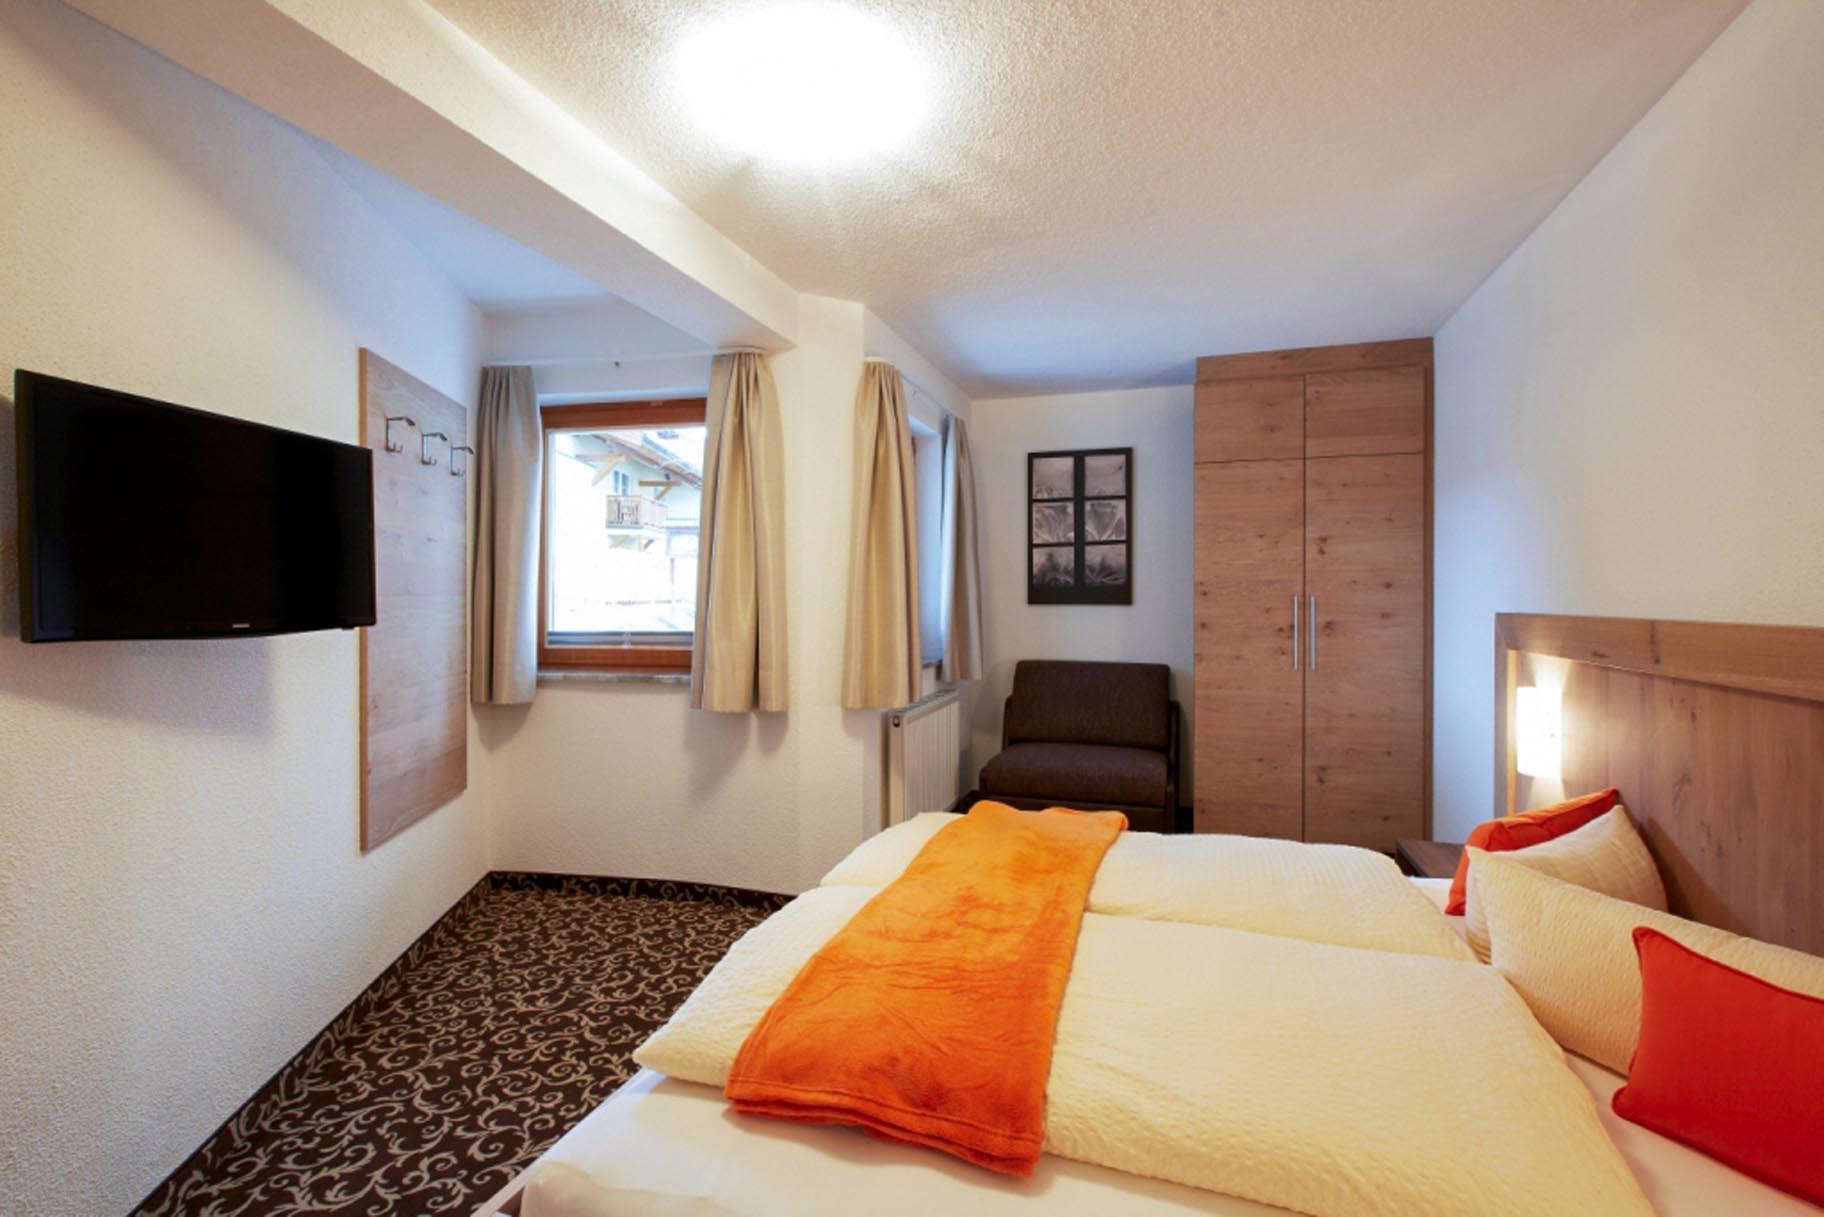 Ferienwohnung 2, Schlafzimmer